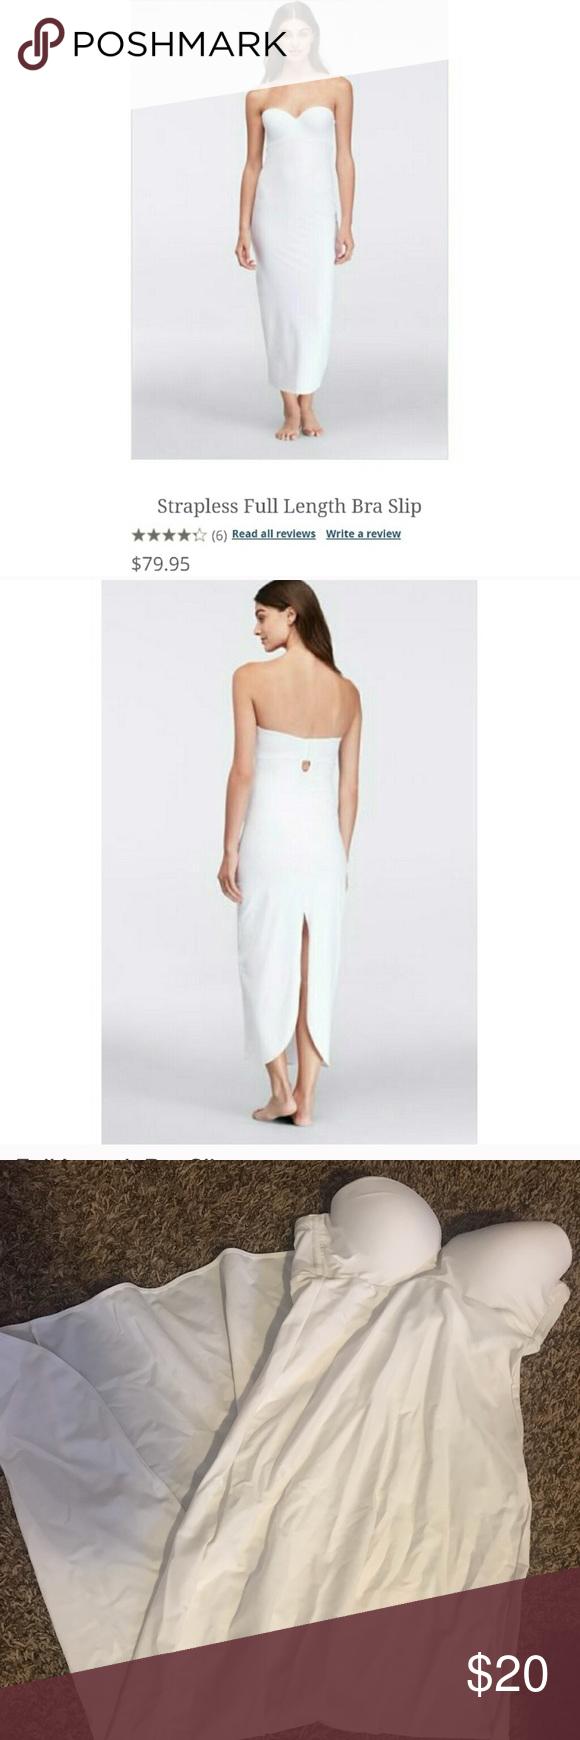 Wedding dress slip  Strapless Full Length Bra Slip  Conditioning Customer support and